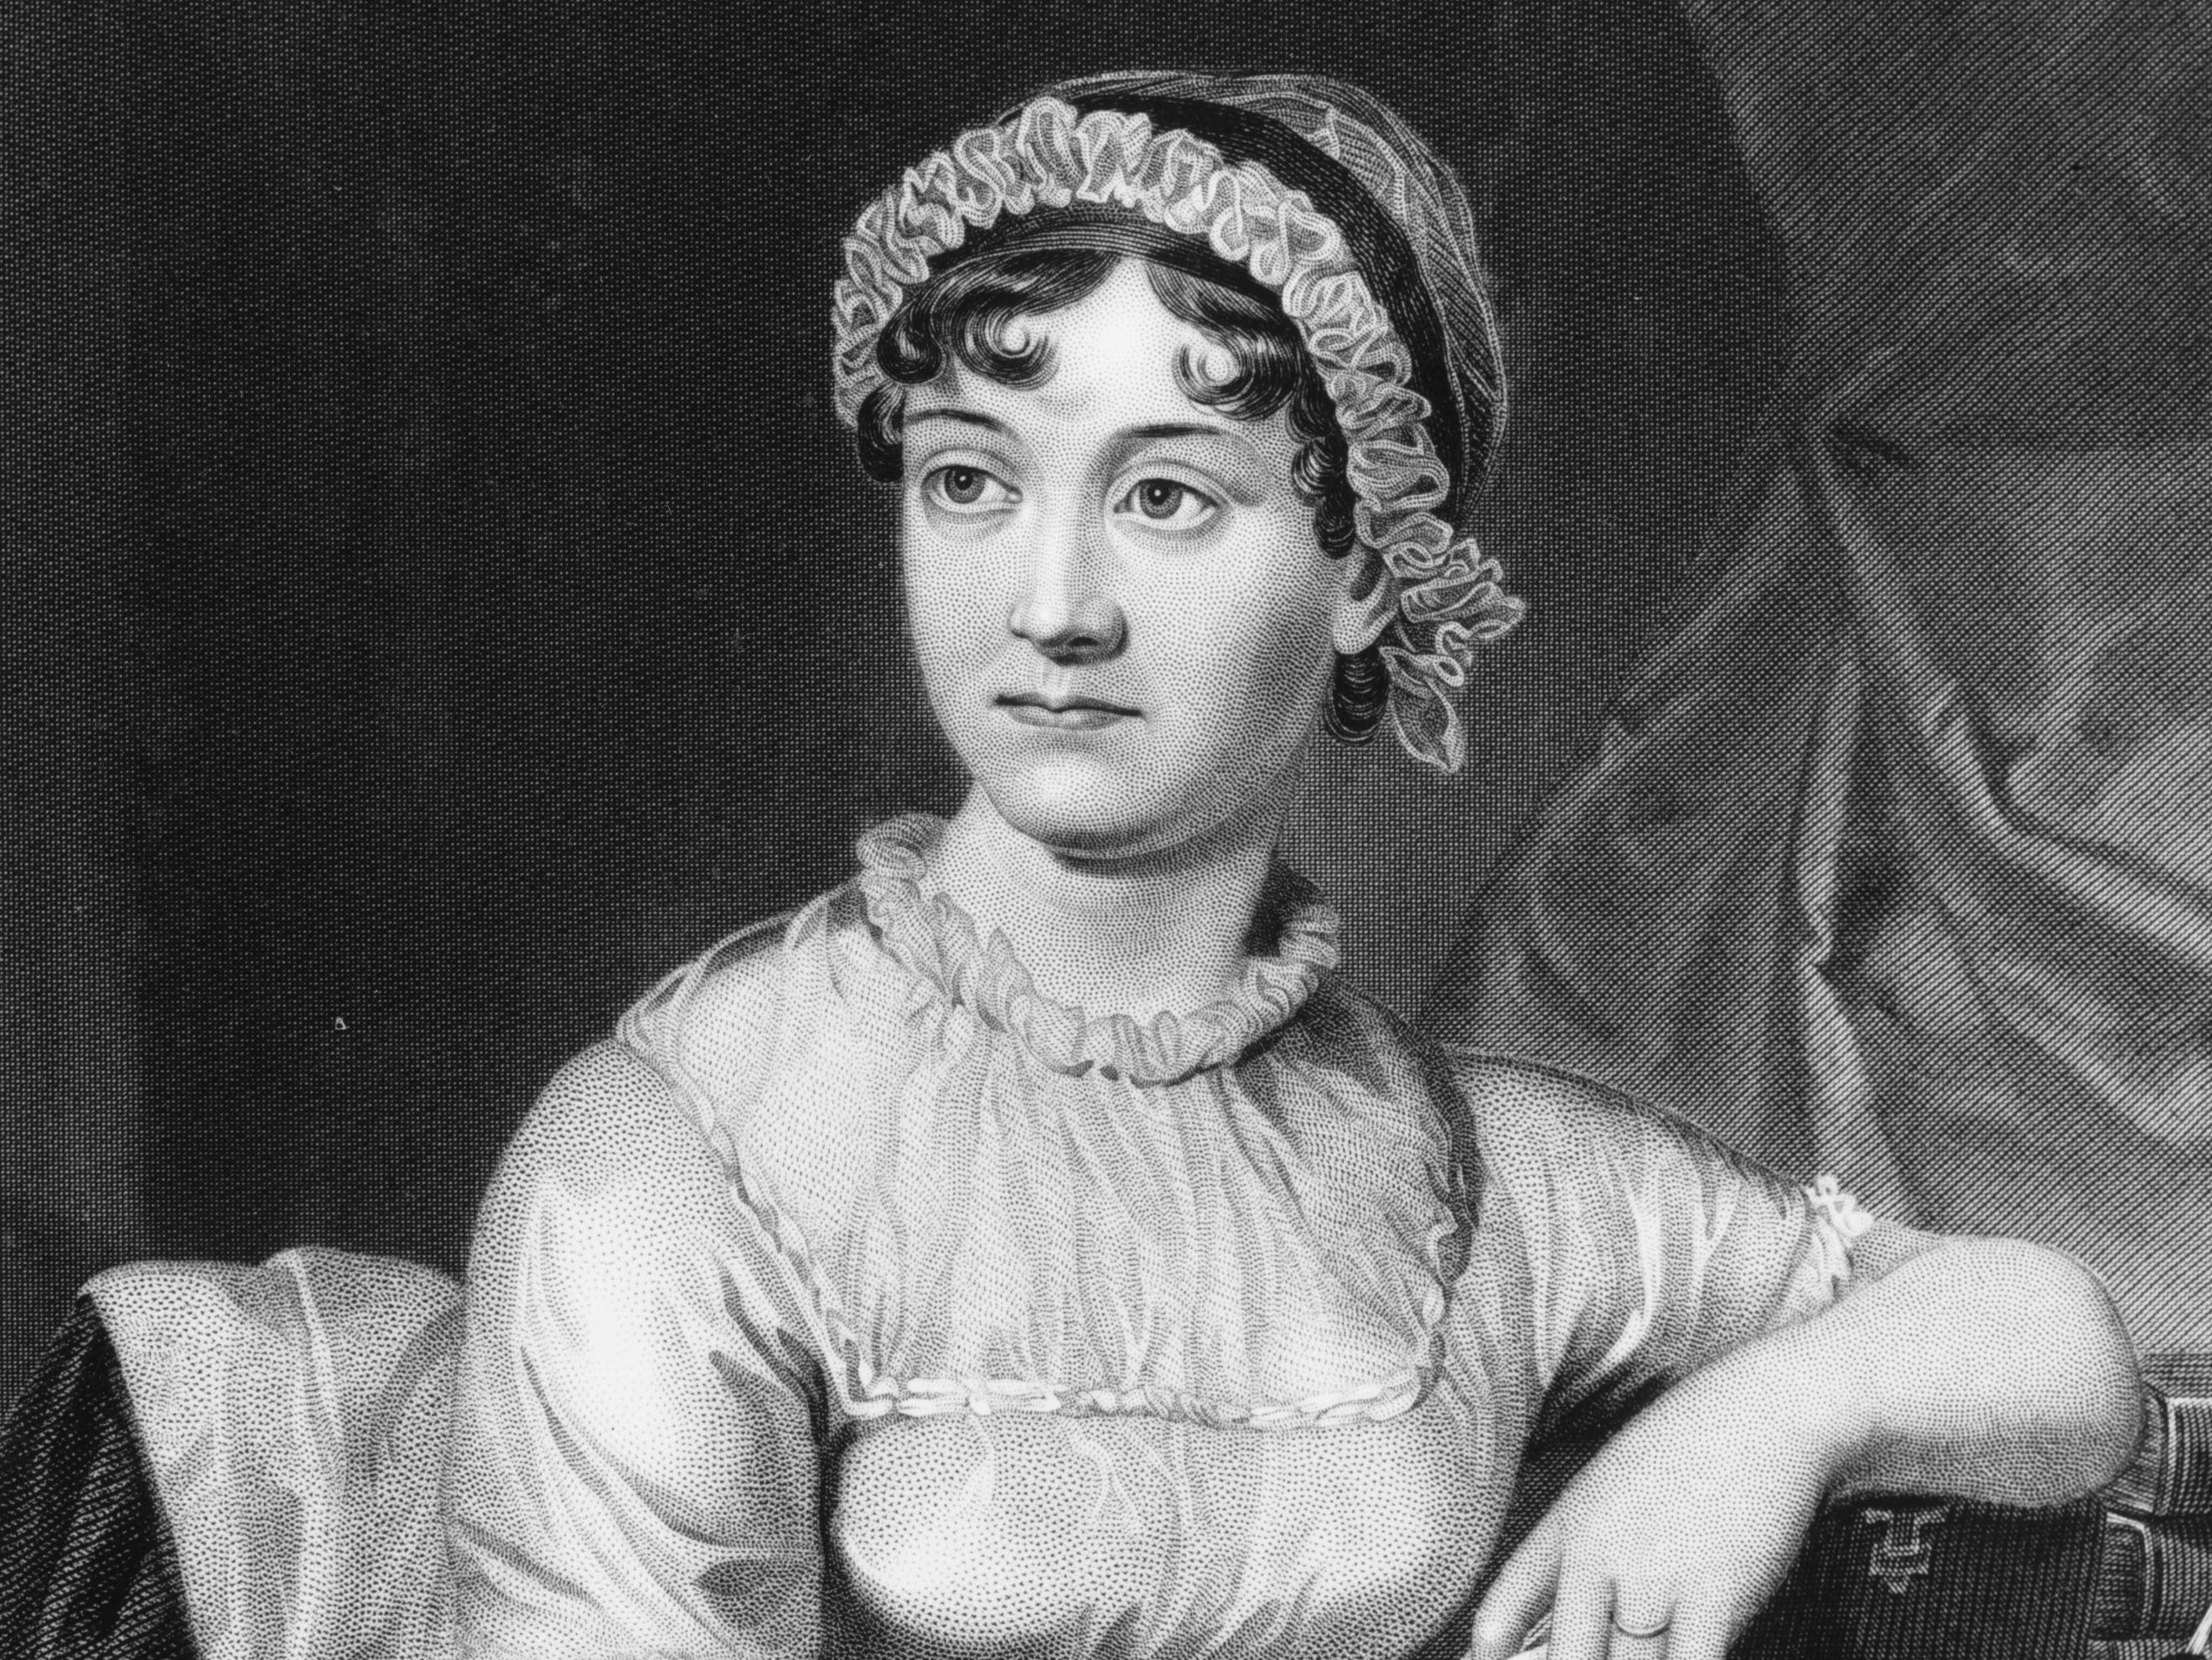 Segundo pesquisadores, Jane Austen teria morrido envenenada (Foto: Divulgação)